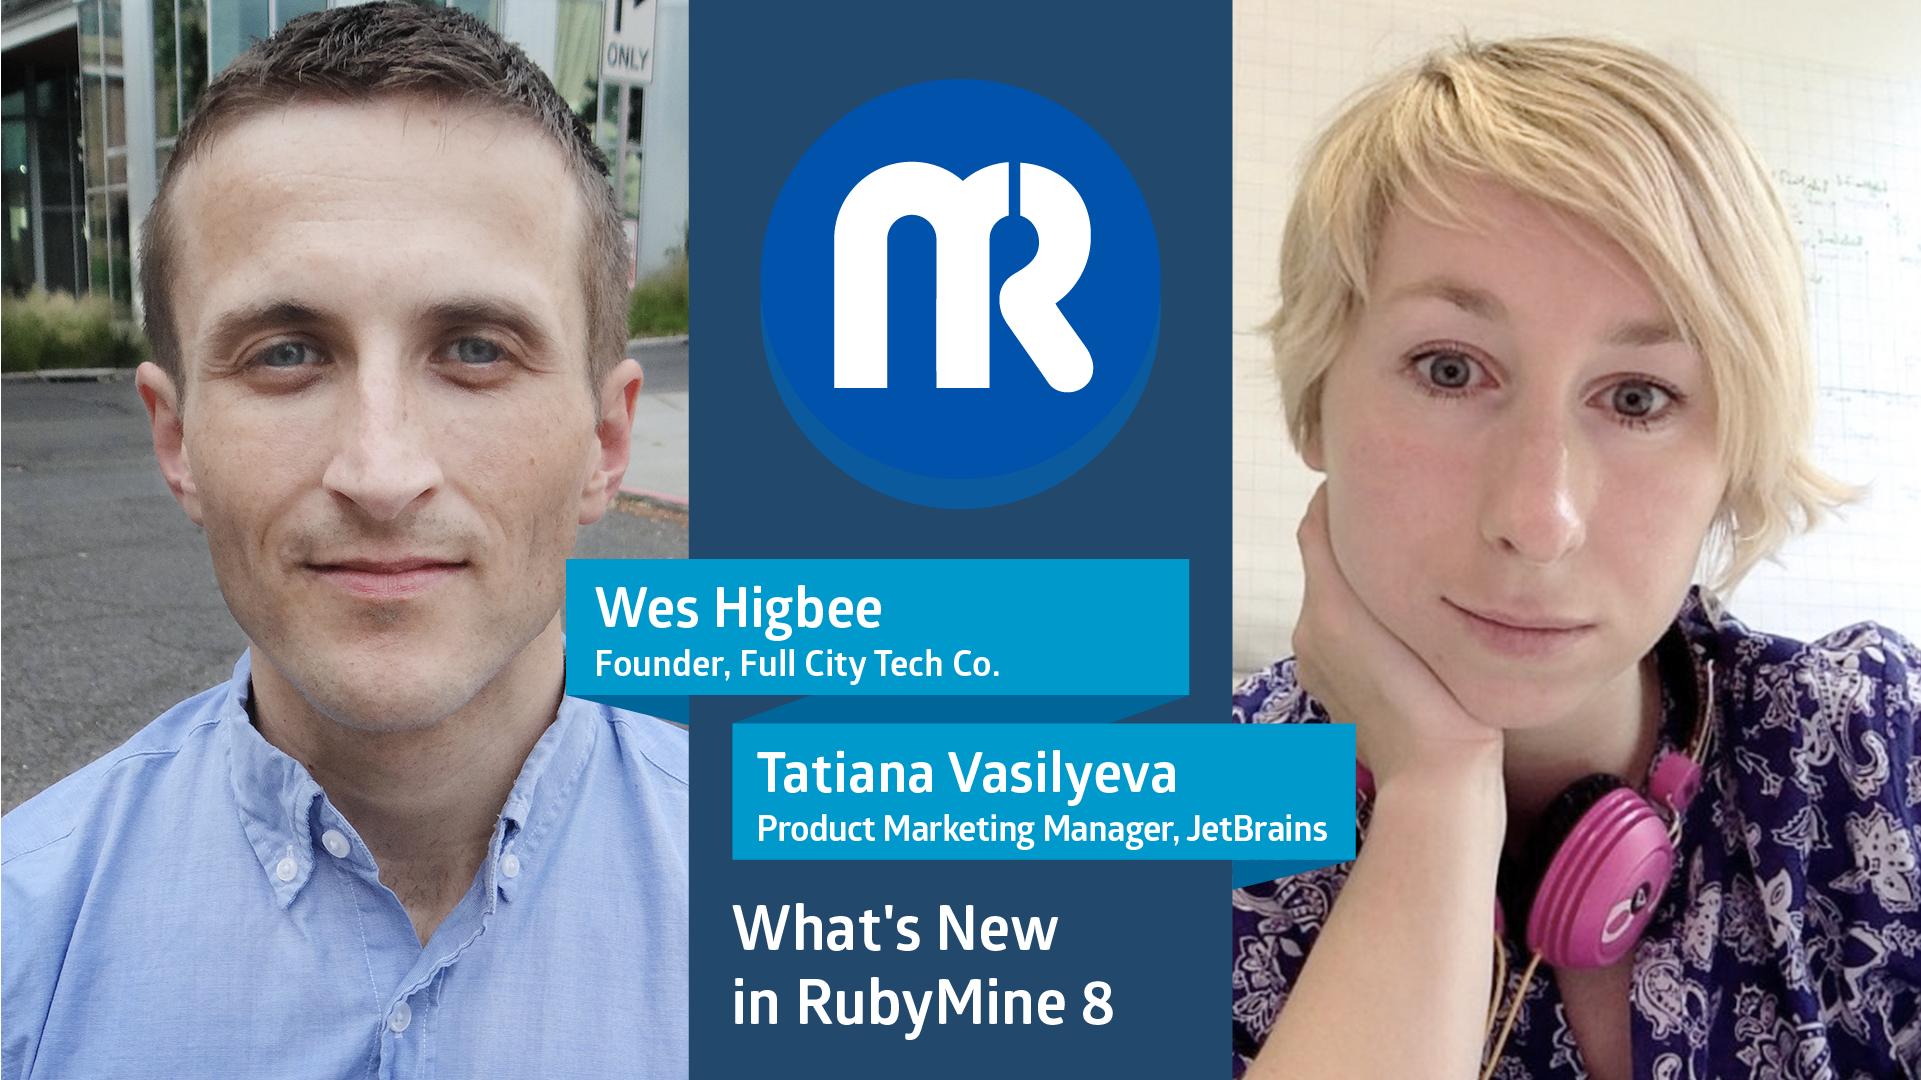 RubyMine_Webinar_2Wide_Whats_New_in_RubyMine_8